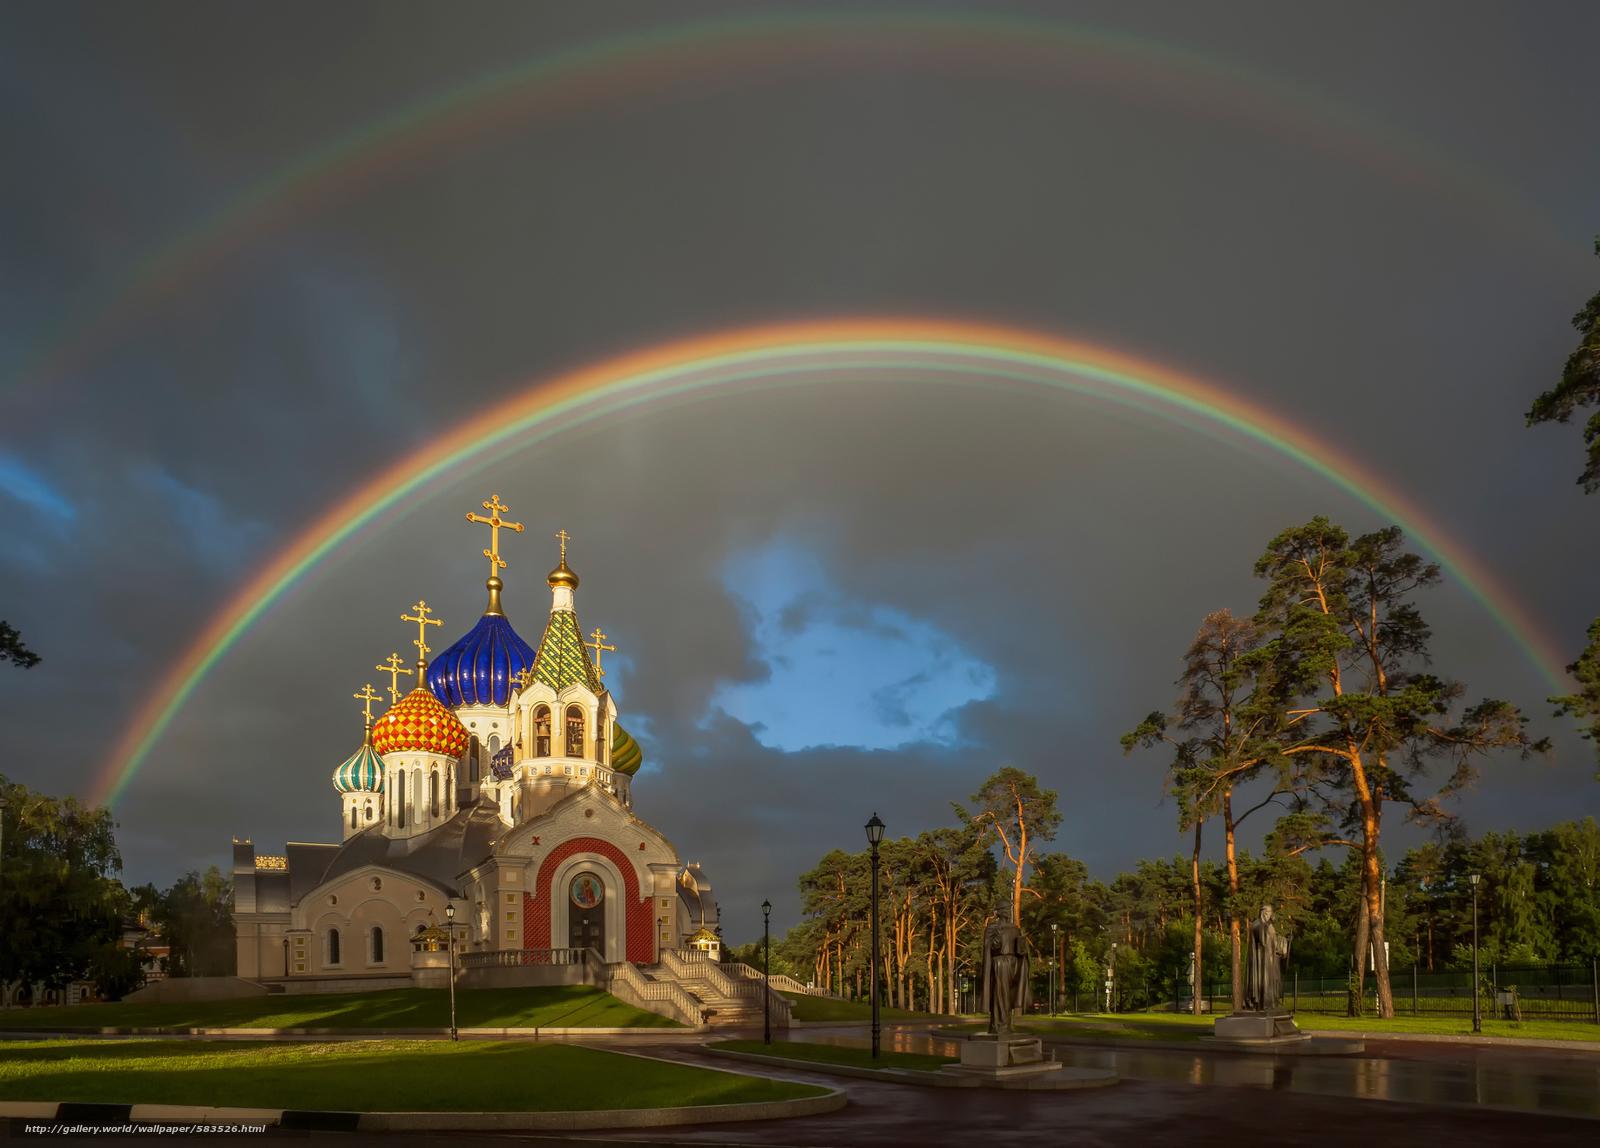 тому Львы красивые церковные картингки и фото может